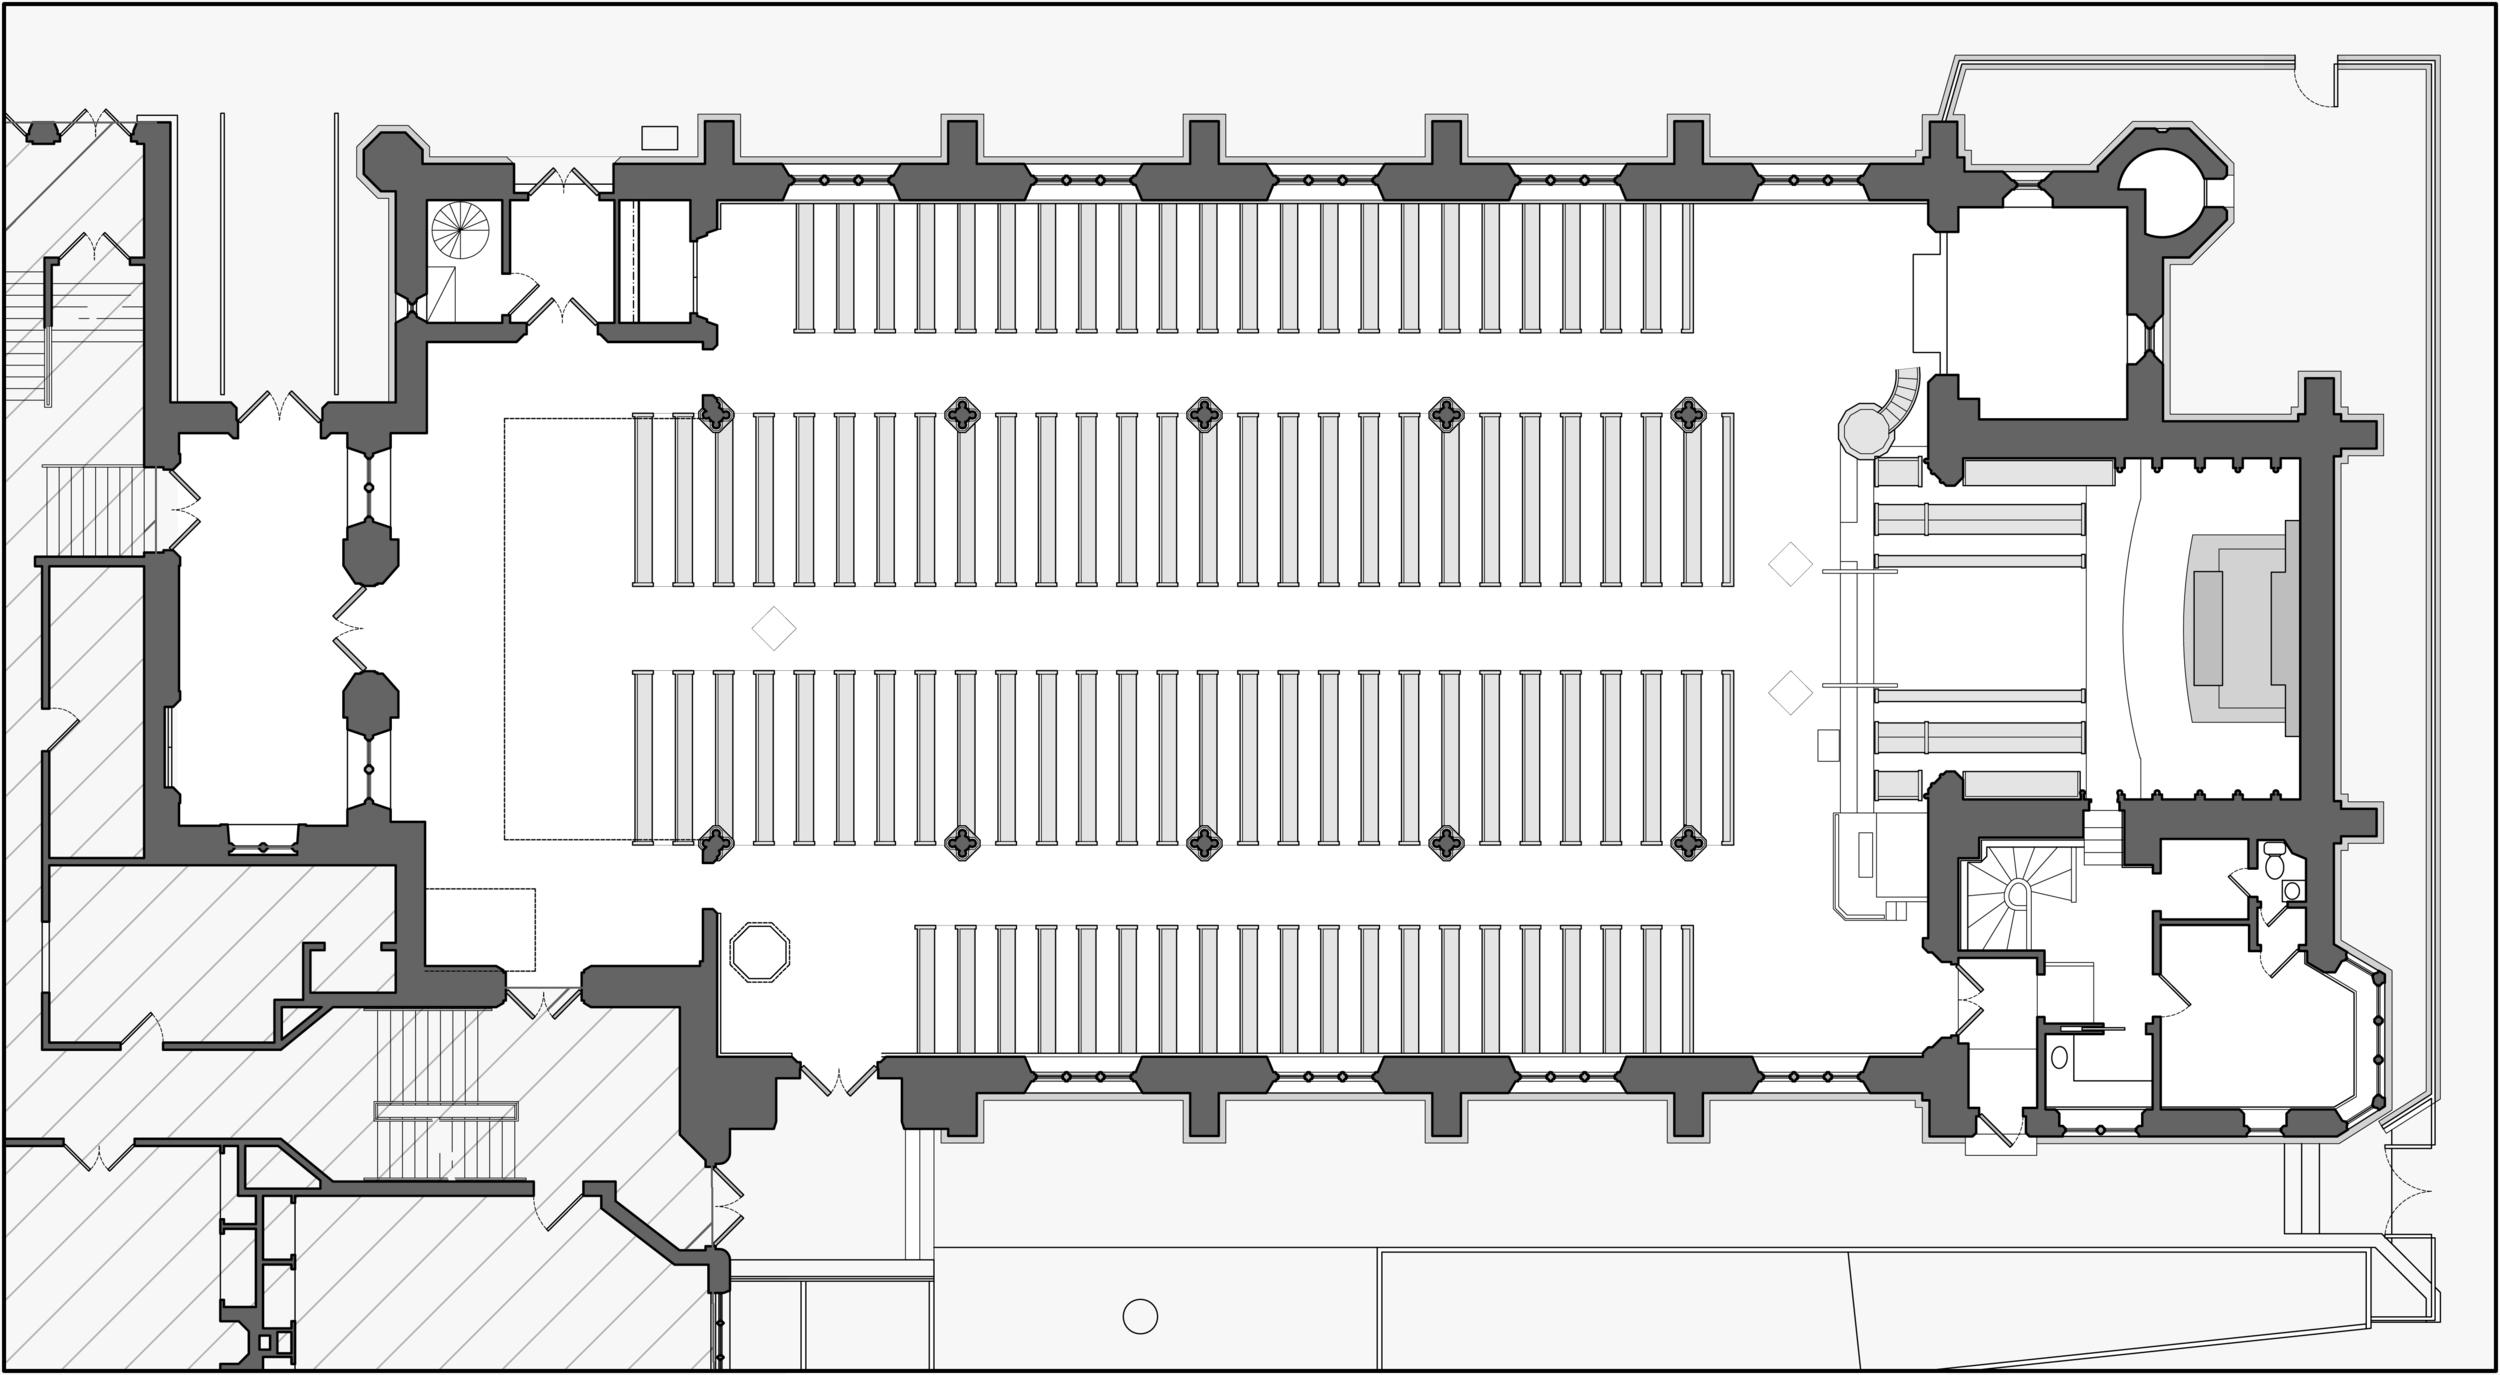 Nave-floorplan.jpg